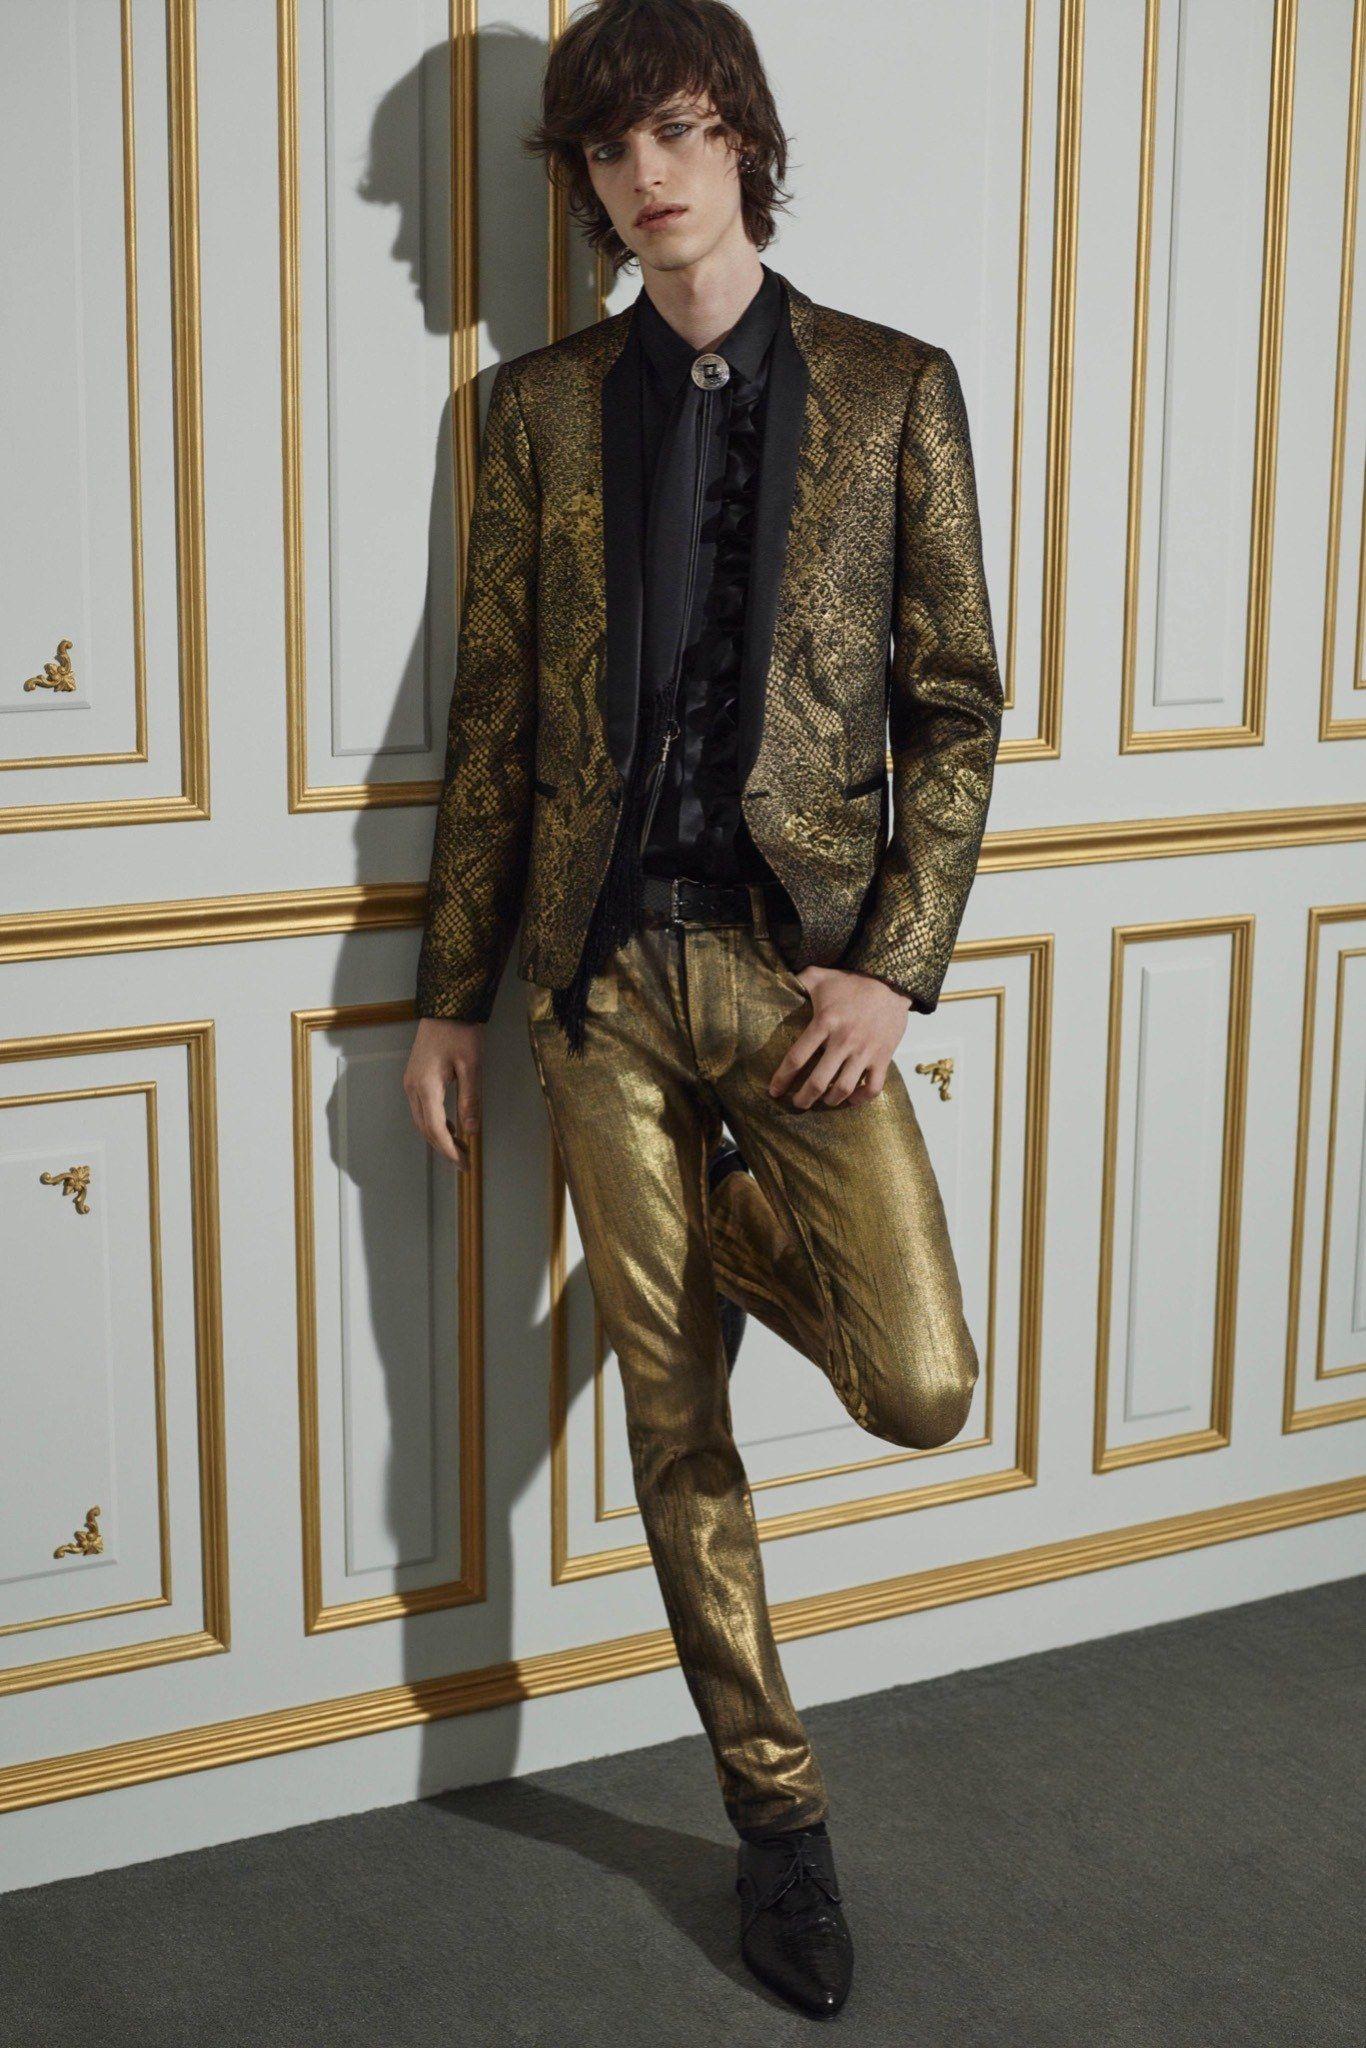 Roberto Cavalli Spring 2016 Menswear Collection Photos - Vogue